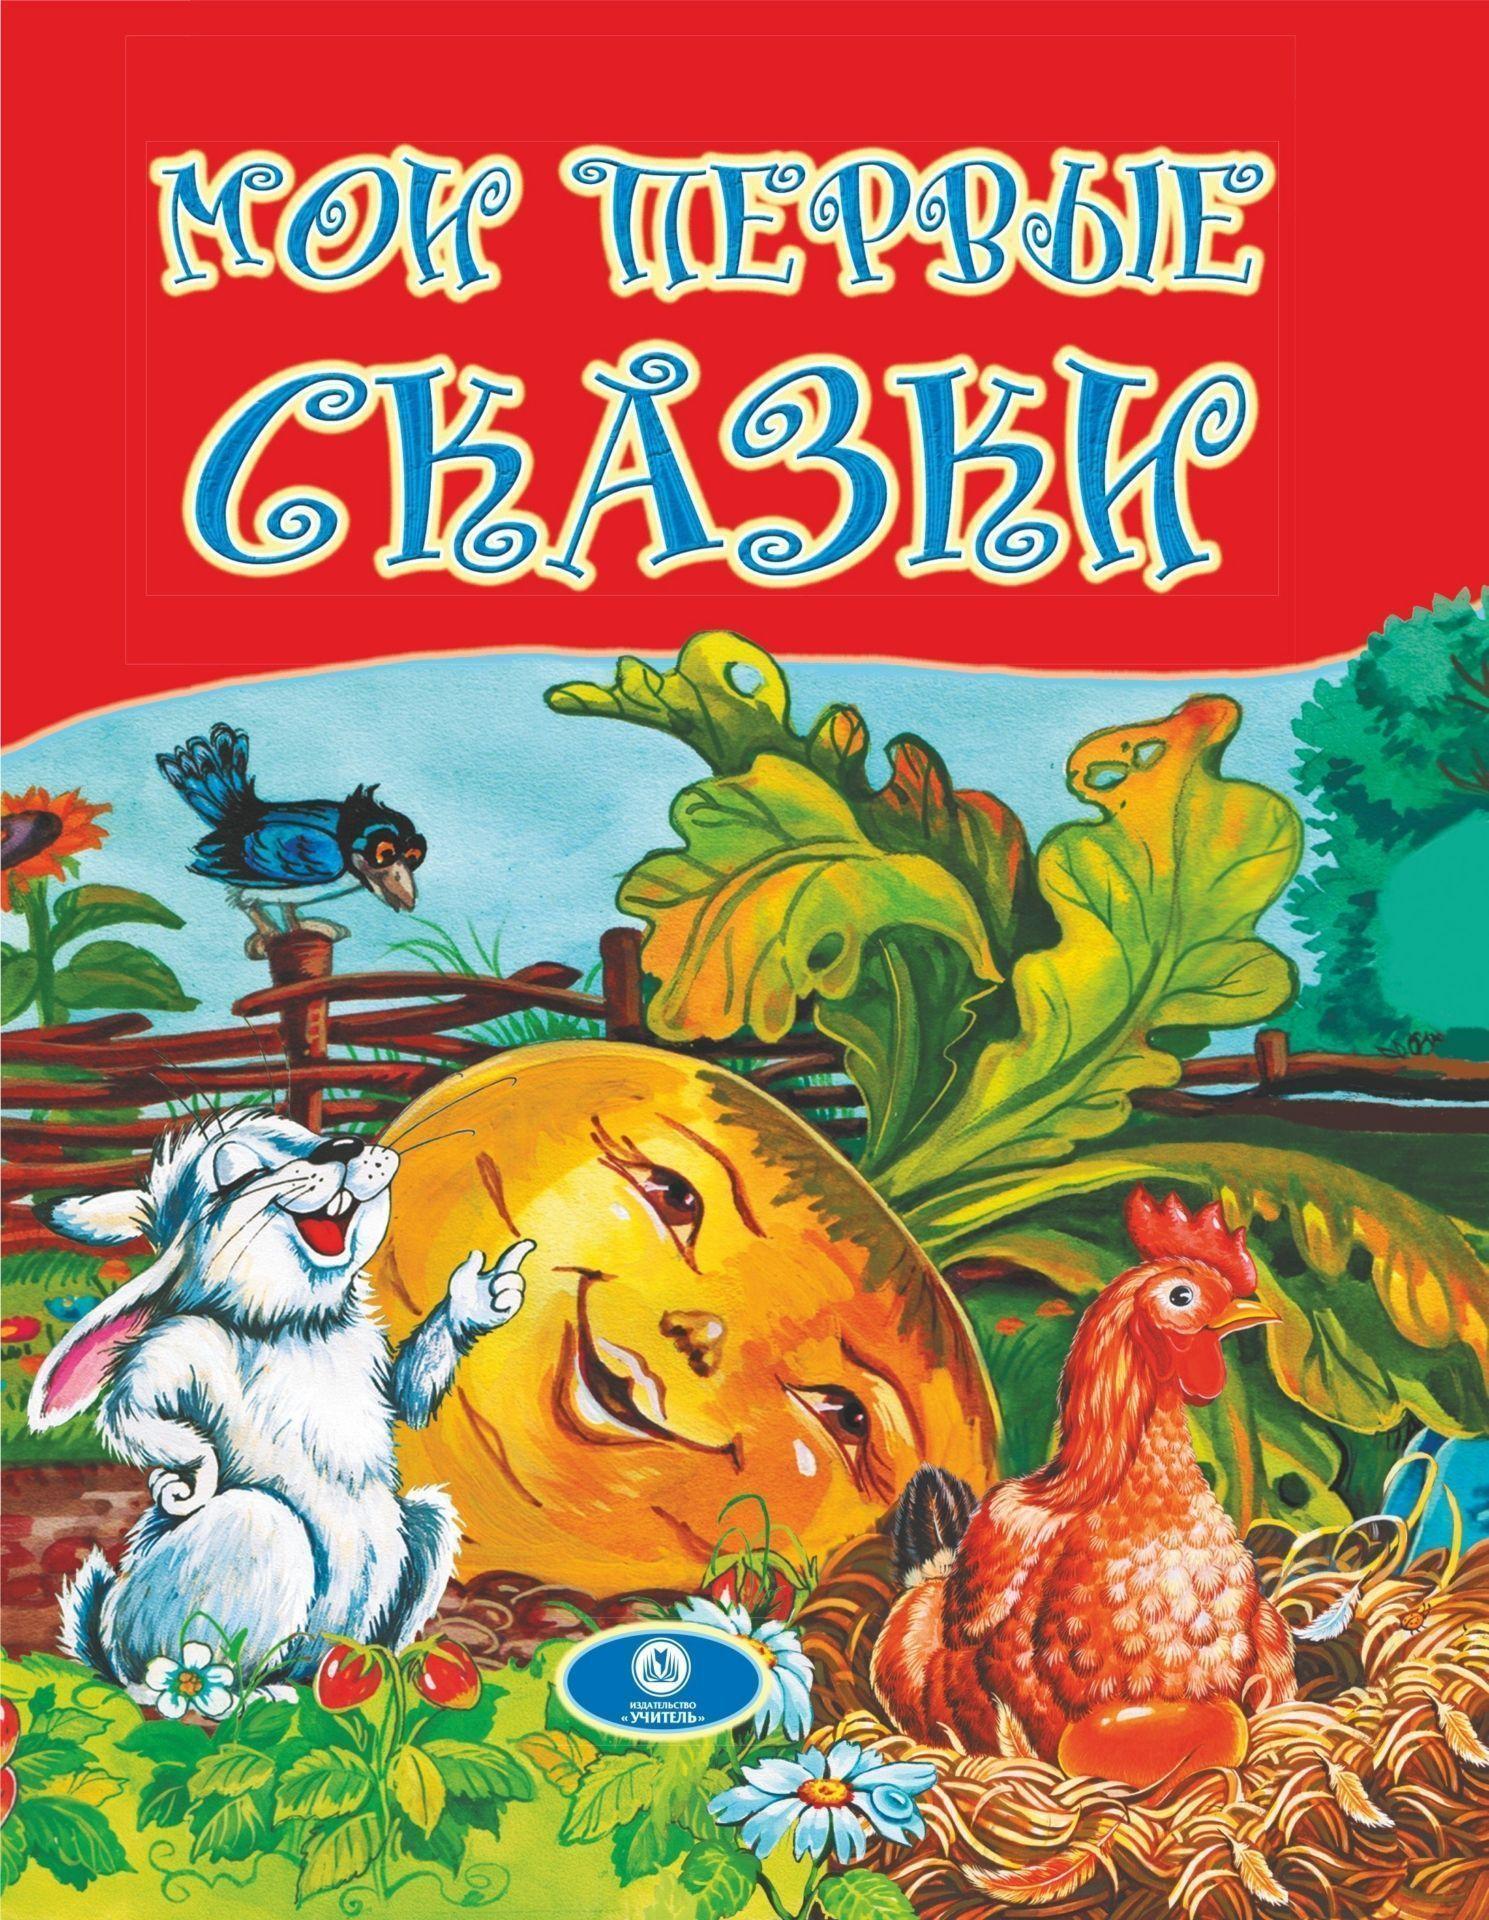 Купить со скидкой Мои первые сказки: художественно-литературное издание для чтения взрослыми детям